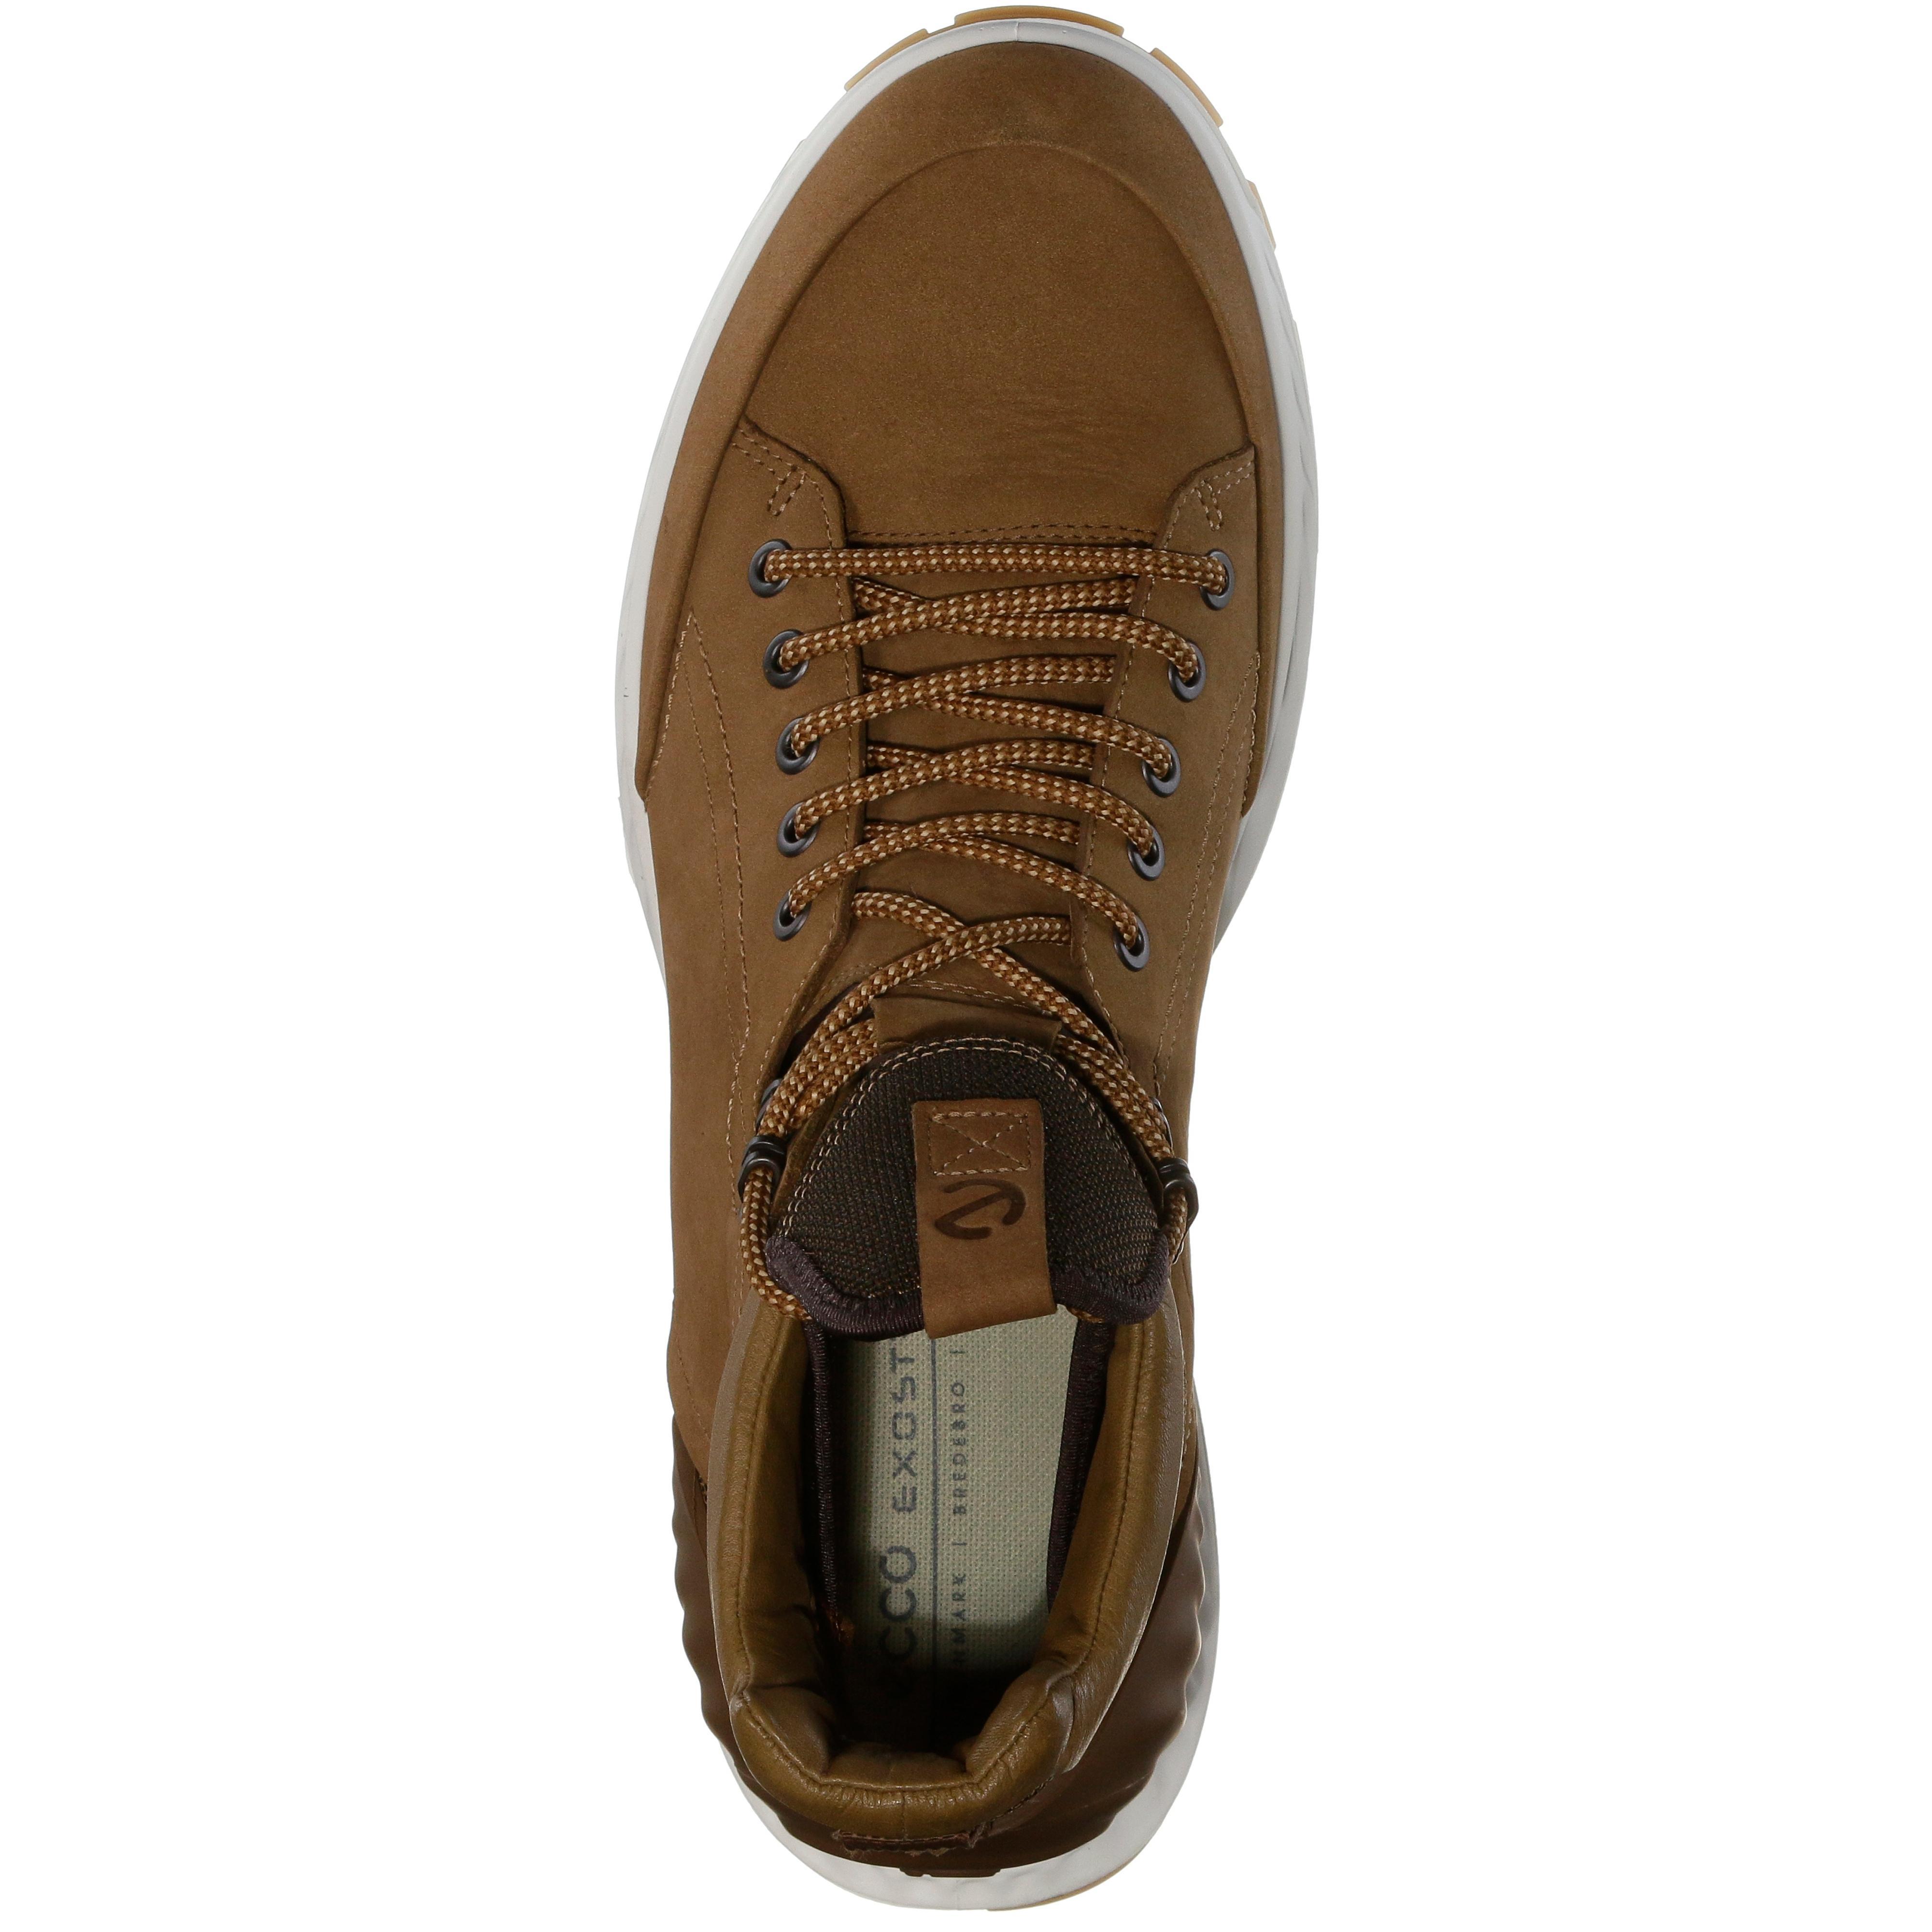 ECCO ECCO ECCO Exostrike Freizeitschuhe Herren camel im Online Shop von SportScheck kaufen Gute Qualität beliebte Schuhe 370fb4